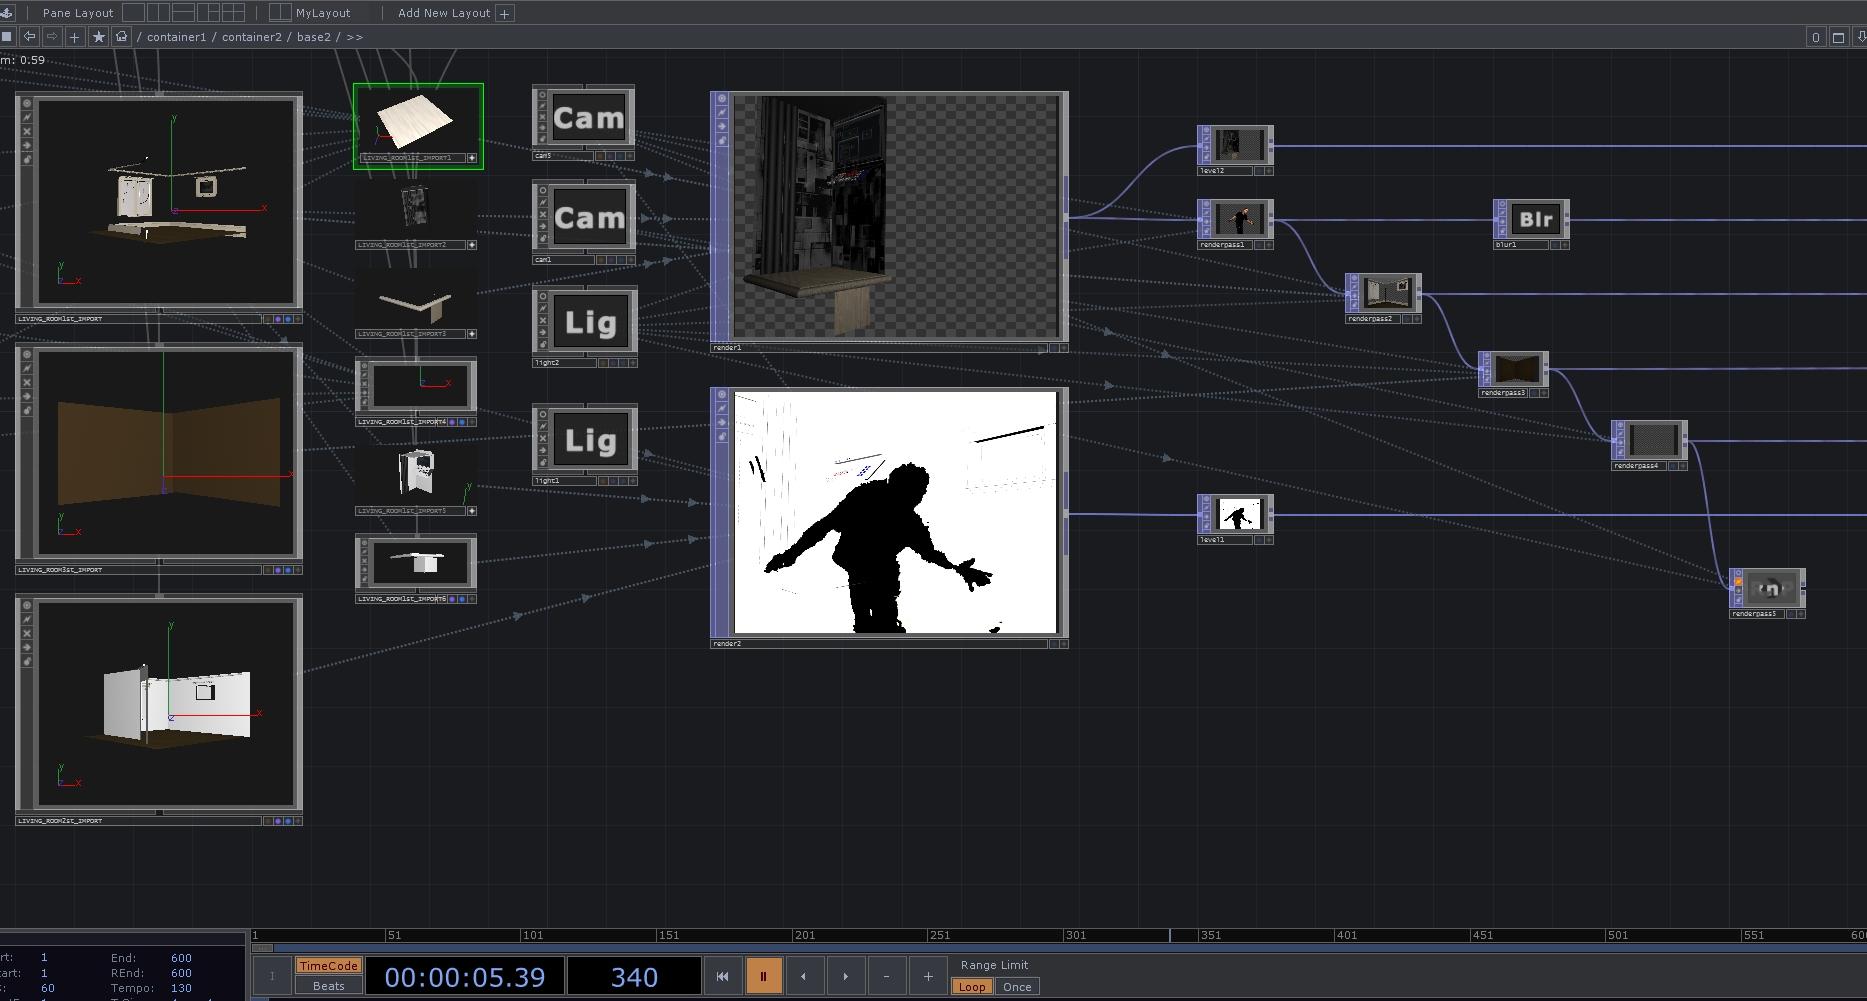 living_room_network_1.jpg